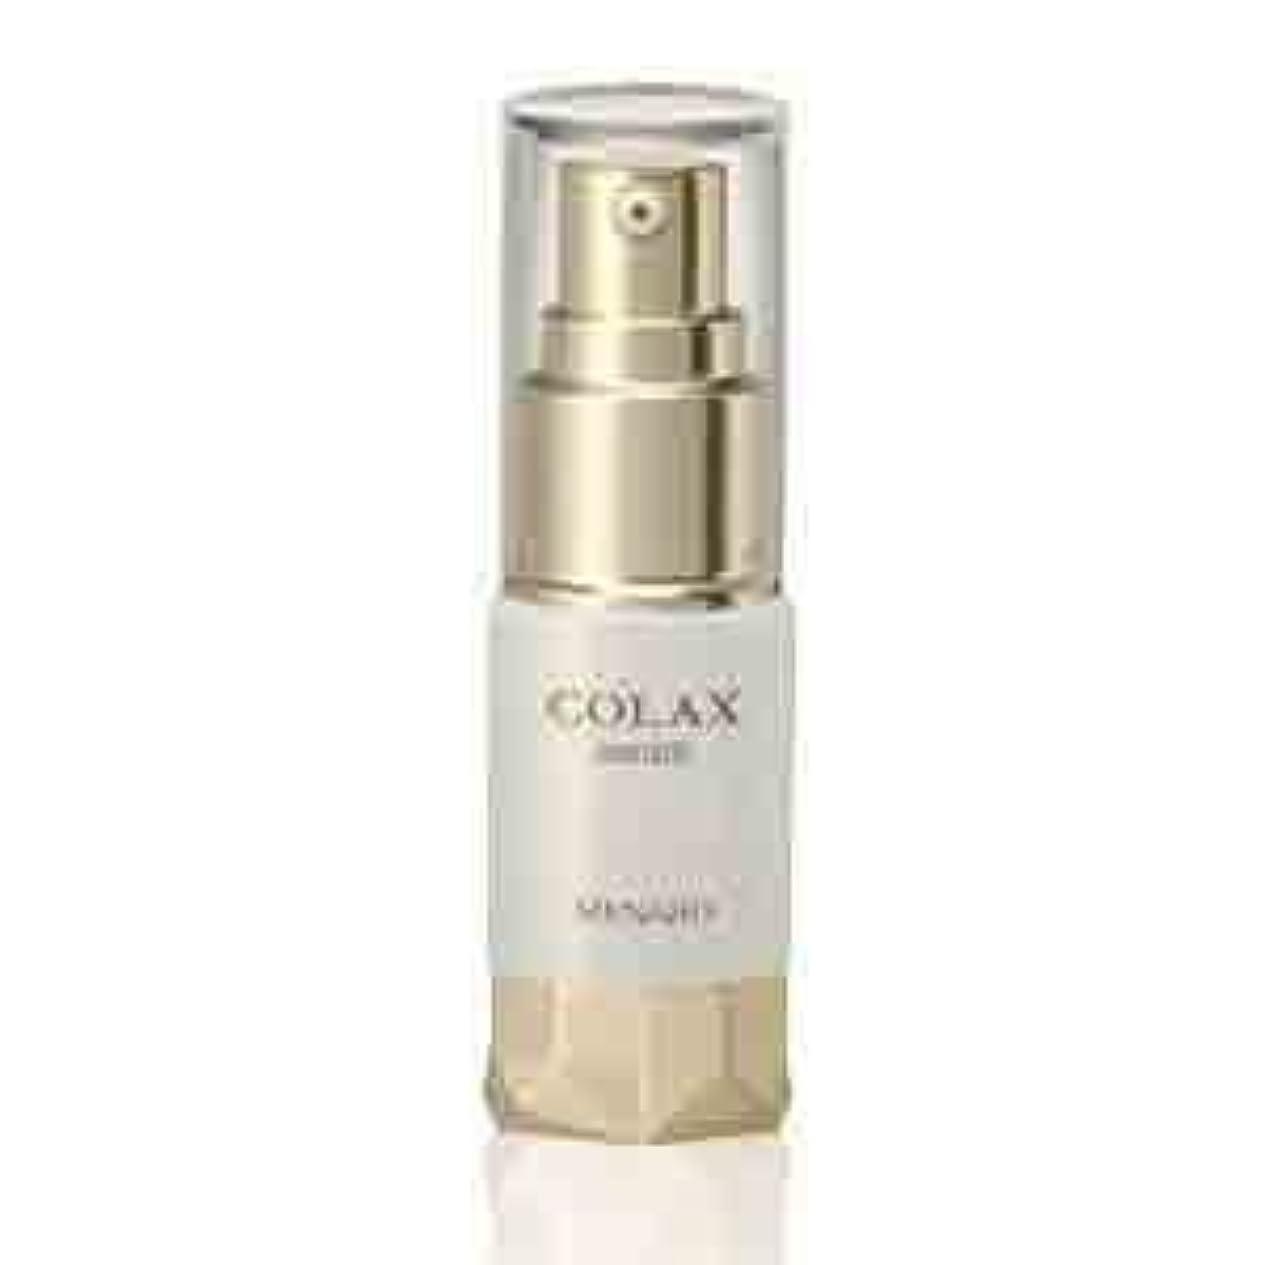 濃度濃度なぞらえるメナード コラックスB 21mL しっとりとしたうるおいを与え、豊潤な肌へ導く美容液!